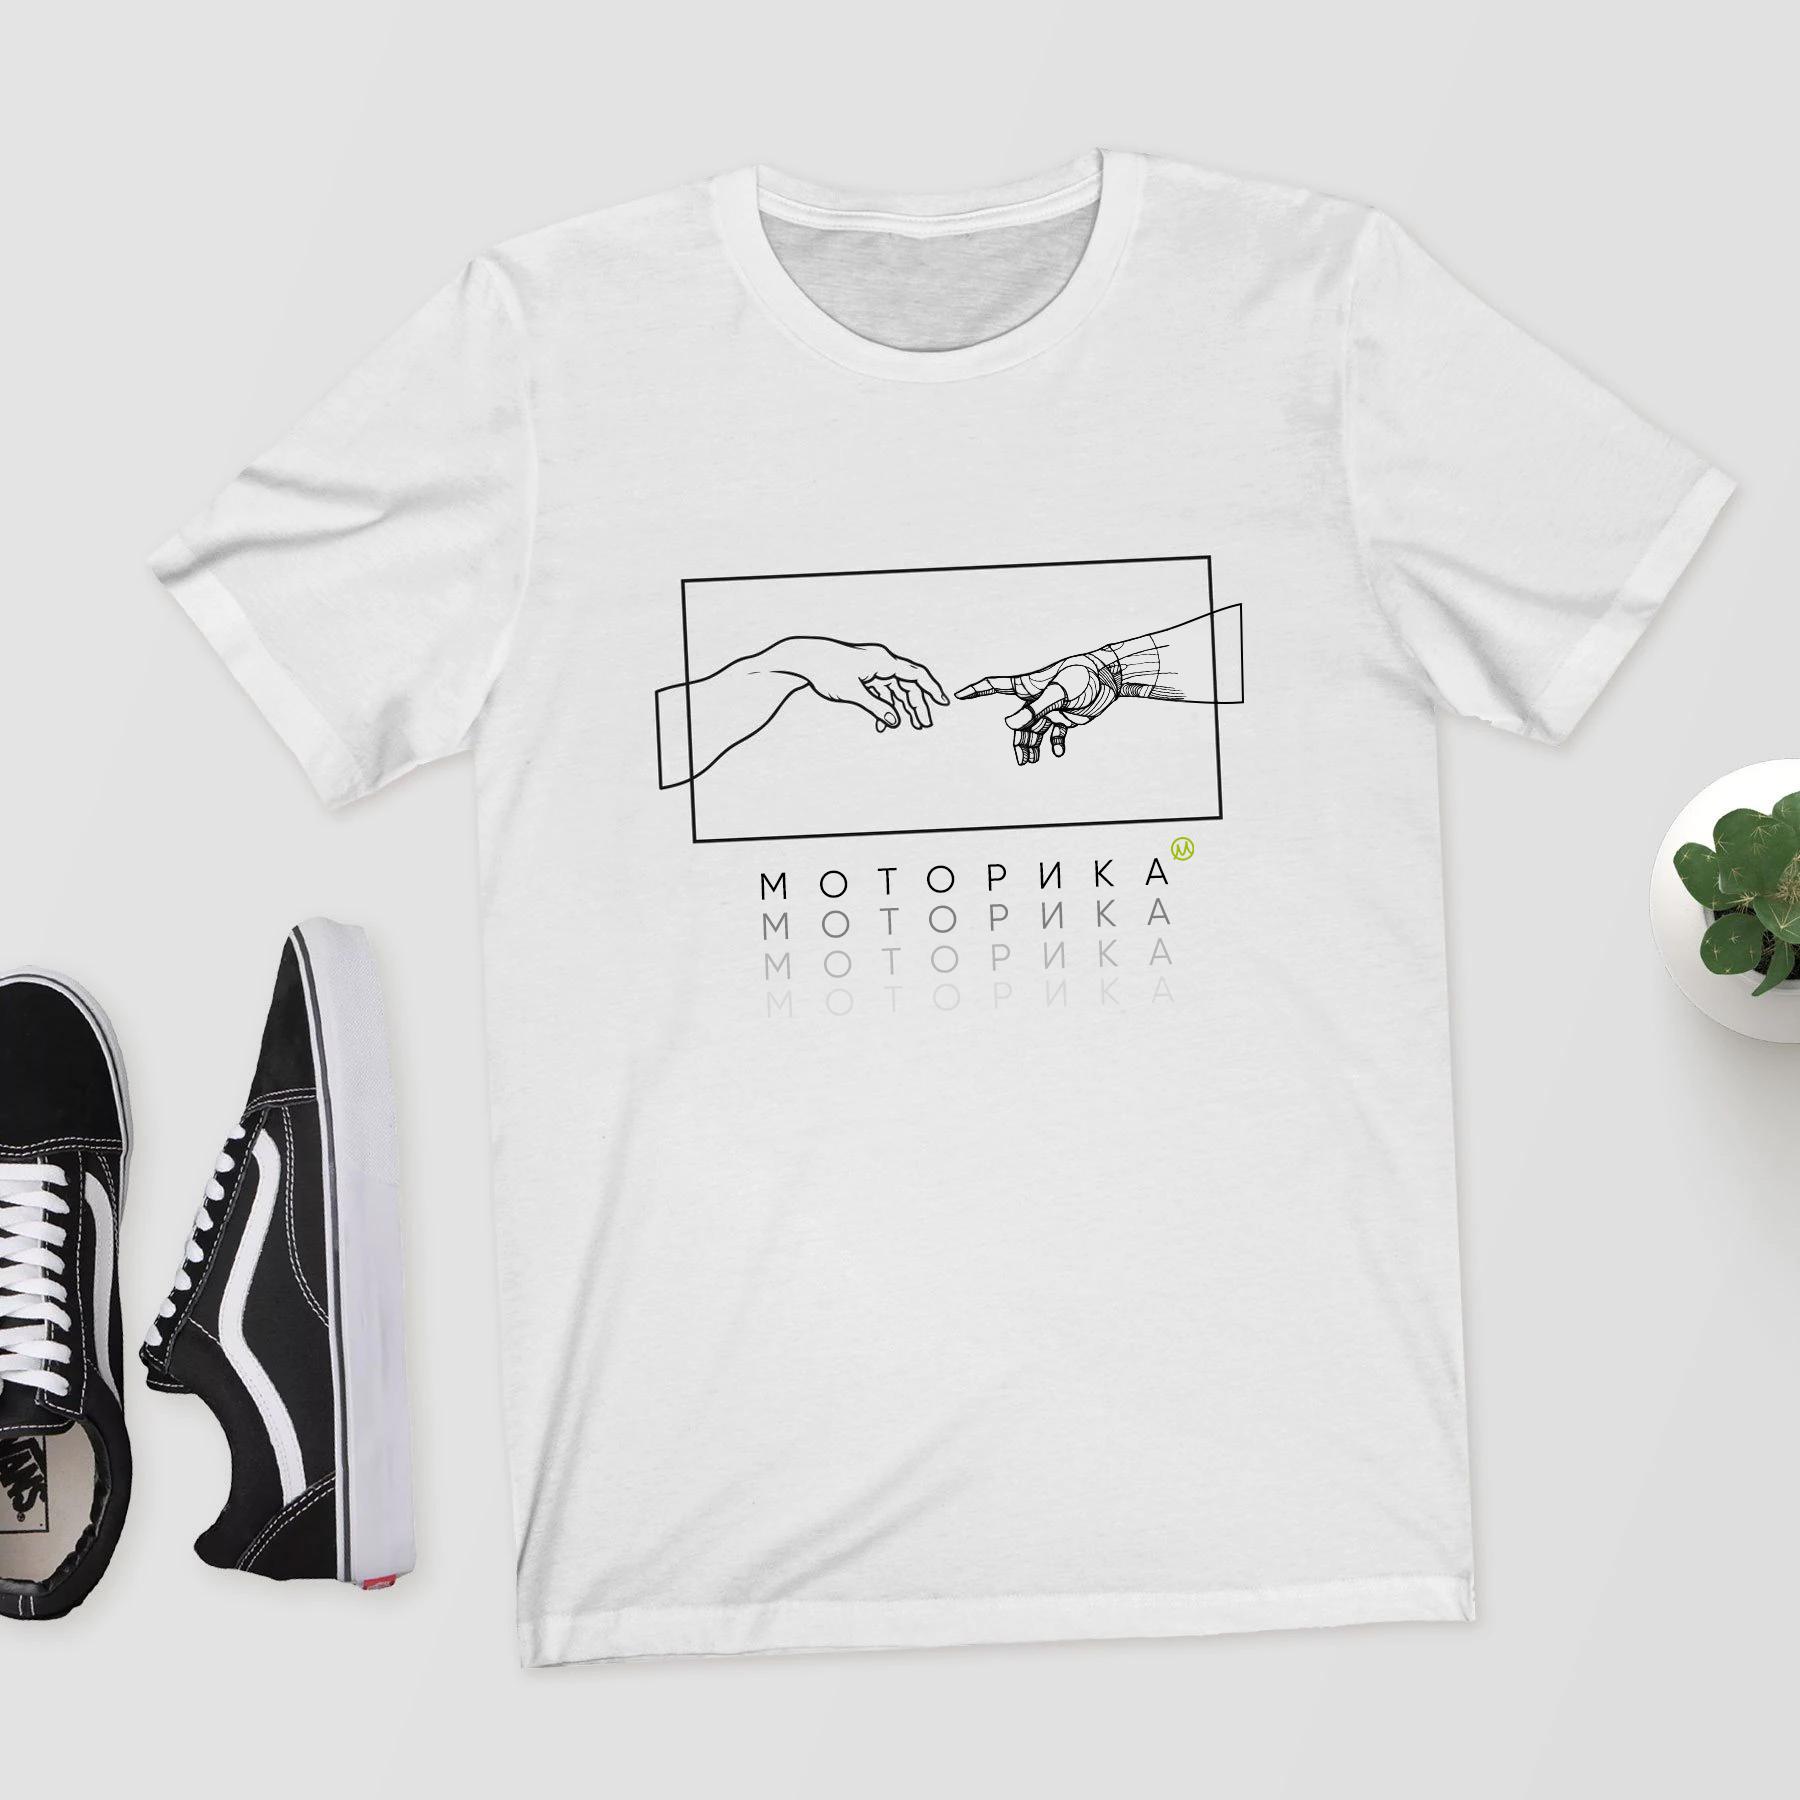 Нарисовать принты на футболки для компании Моторика фото f_360609edd8d5a85d.jpg